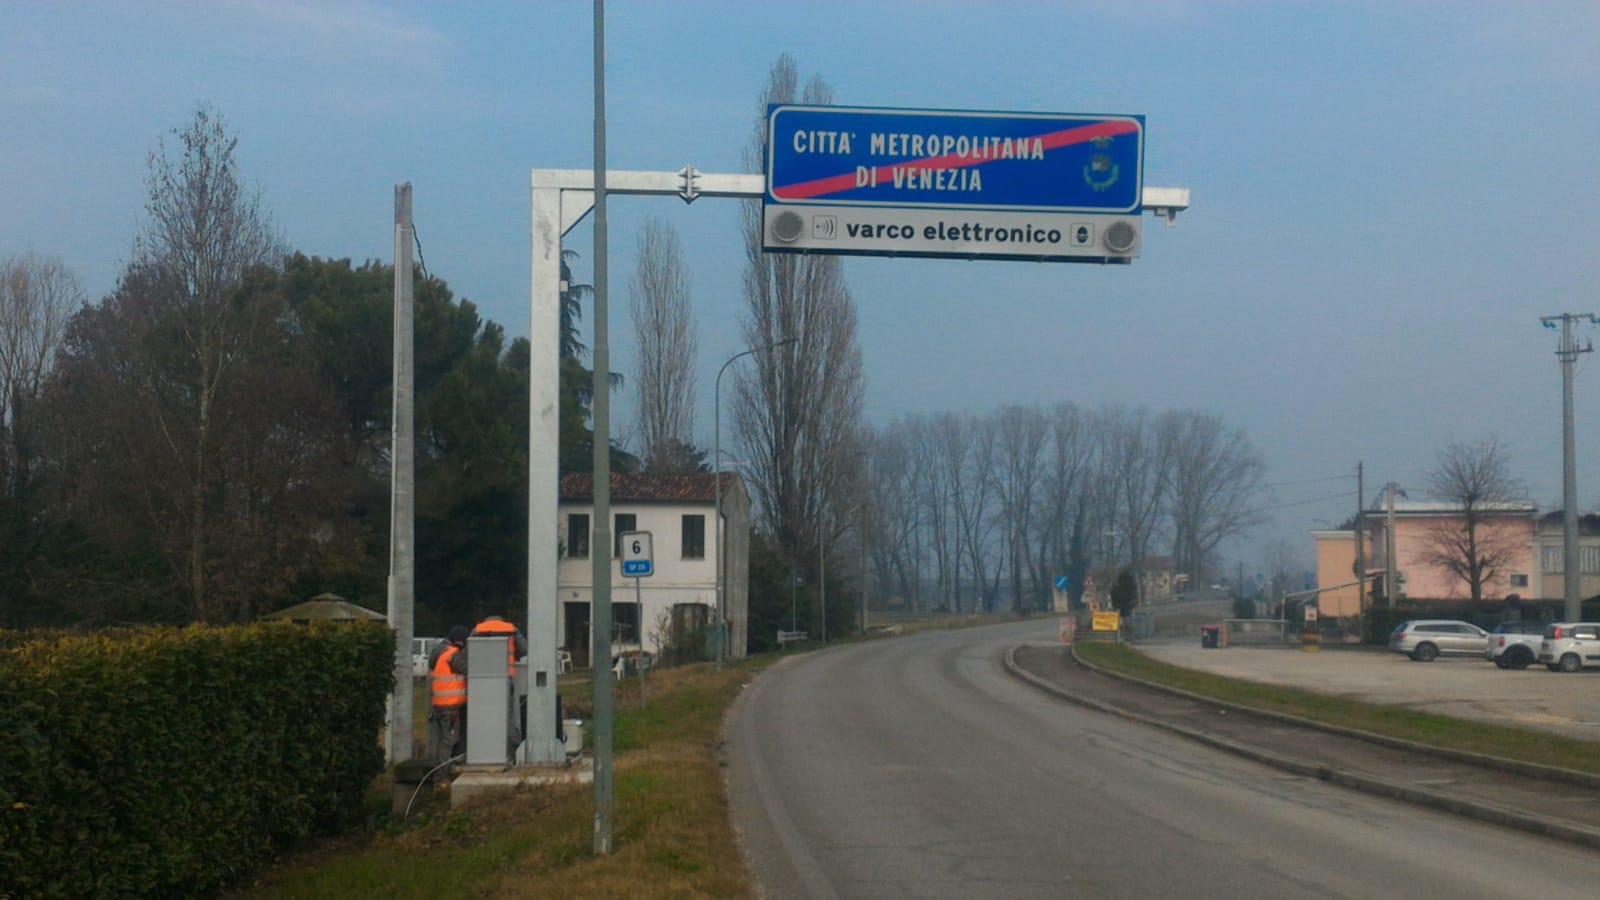 Lavori SP 25 via Barbariga (foto dalla pagina facebook della Città Metropolitana di Venezia)